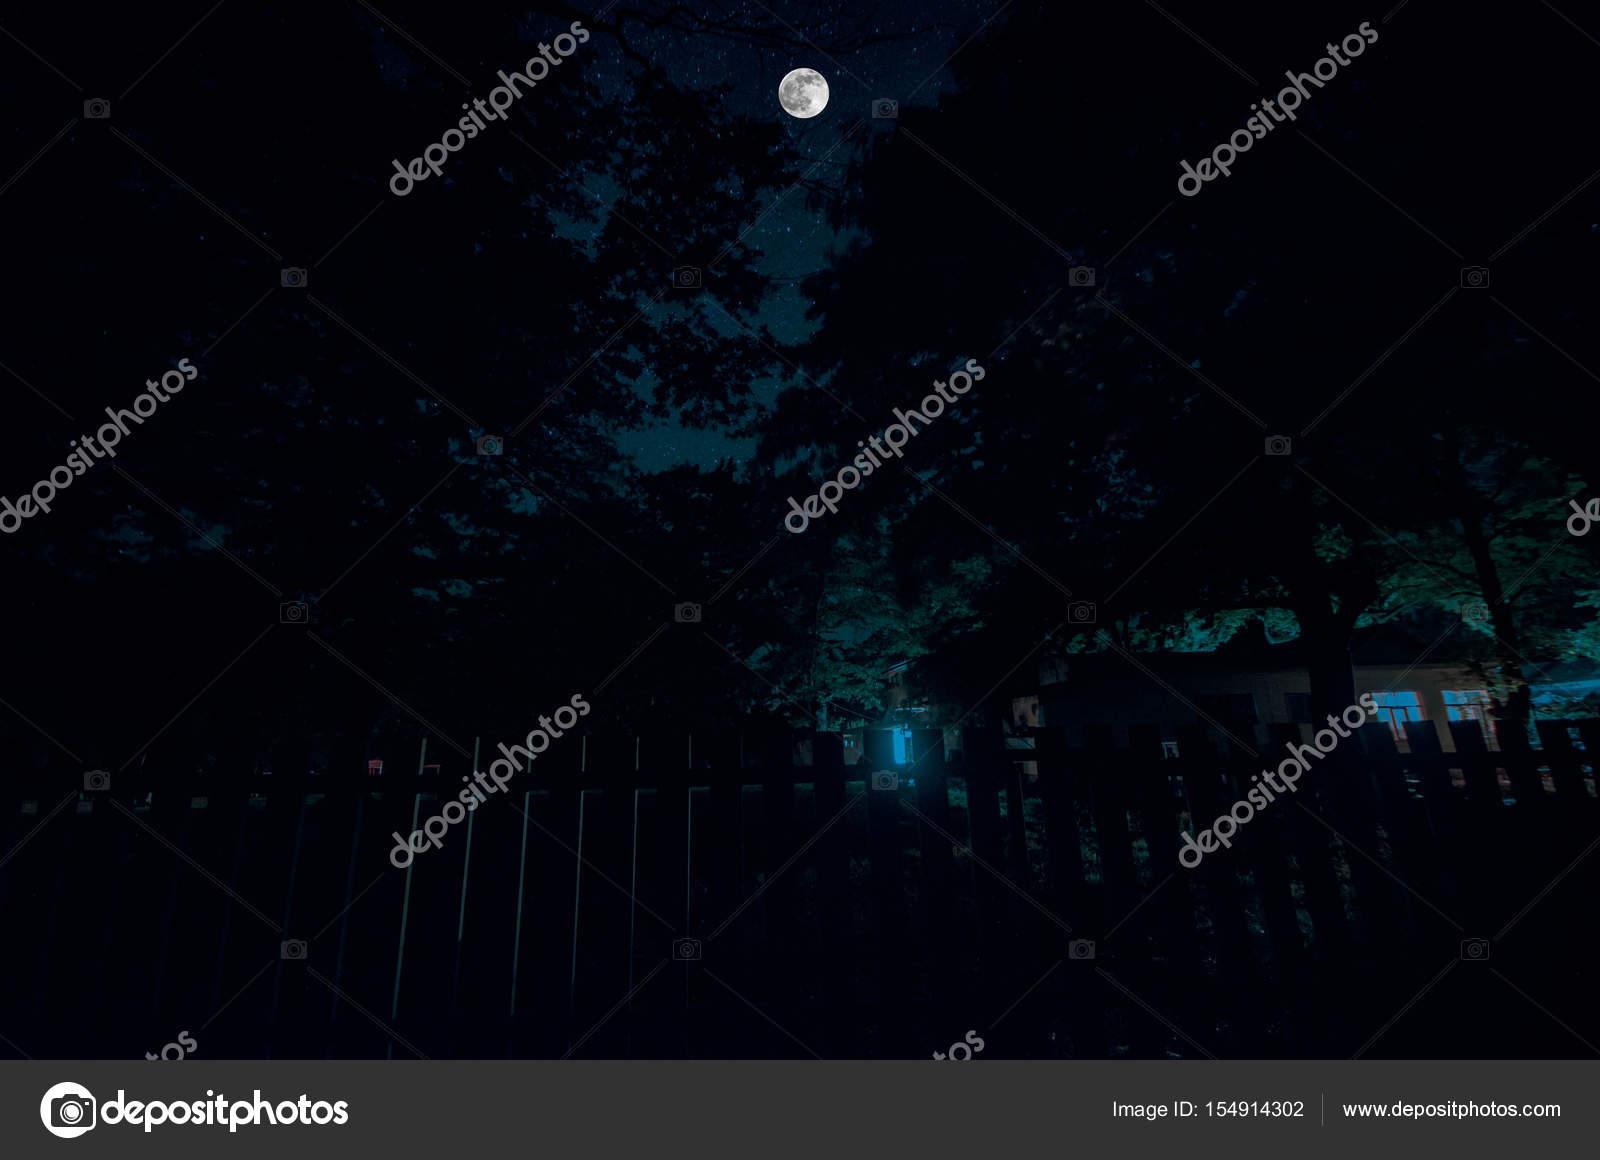 4652d526d3 Route de montagne à travers la forêt par une nuit de pleine lune.  Panoramique de nuit, paysage de ciel bleu foncé avec la lune.